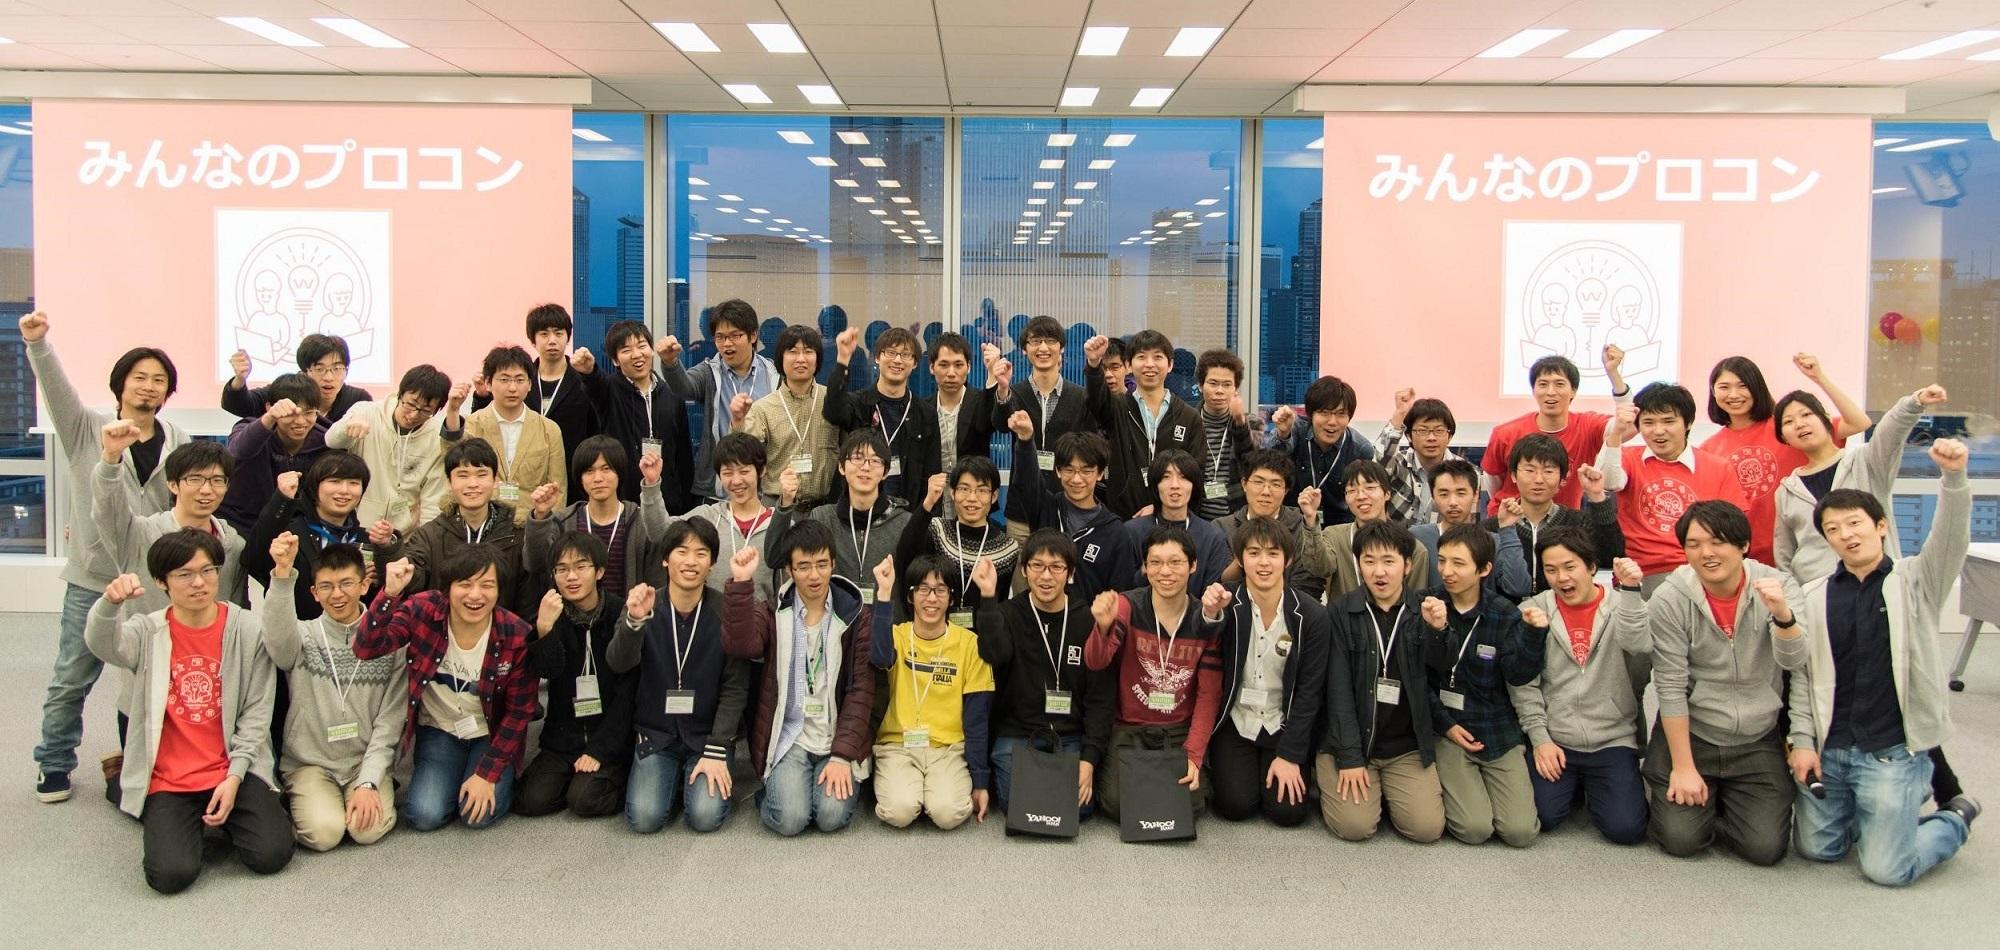 プログラミングコンテスト参加者の集合写真